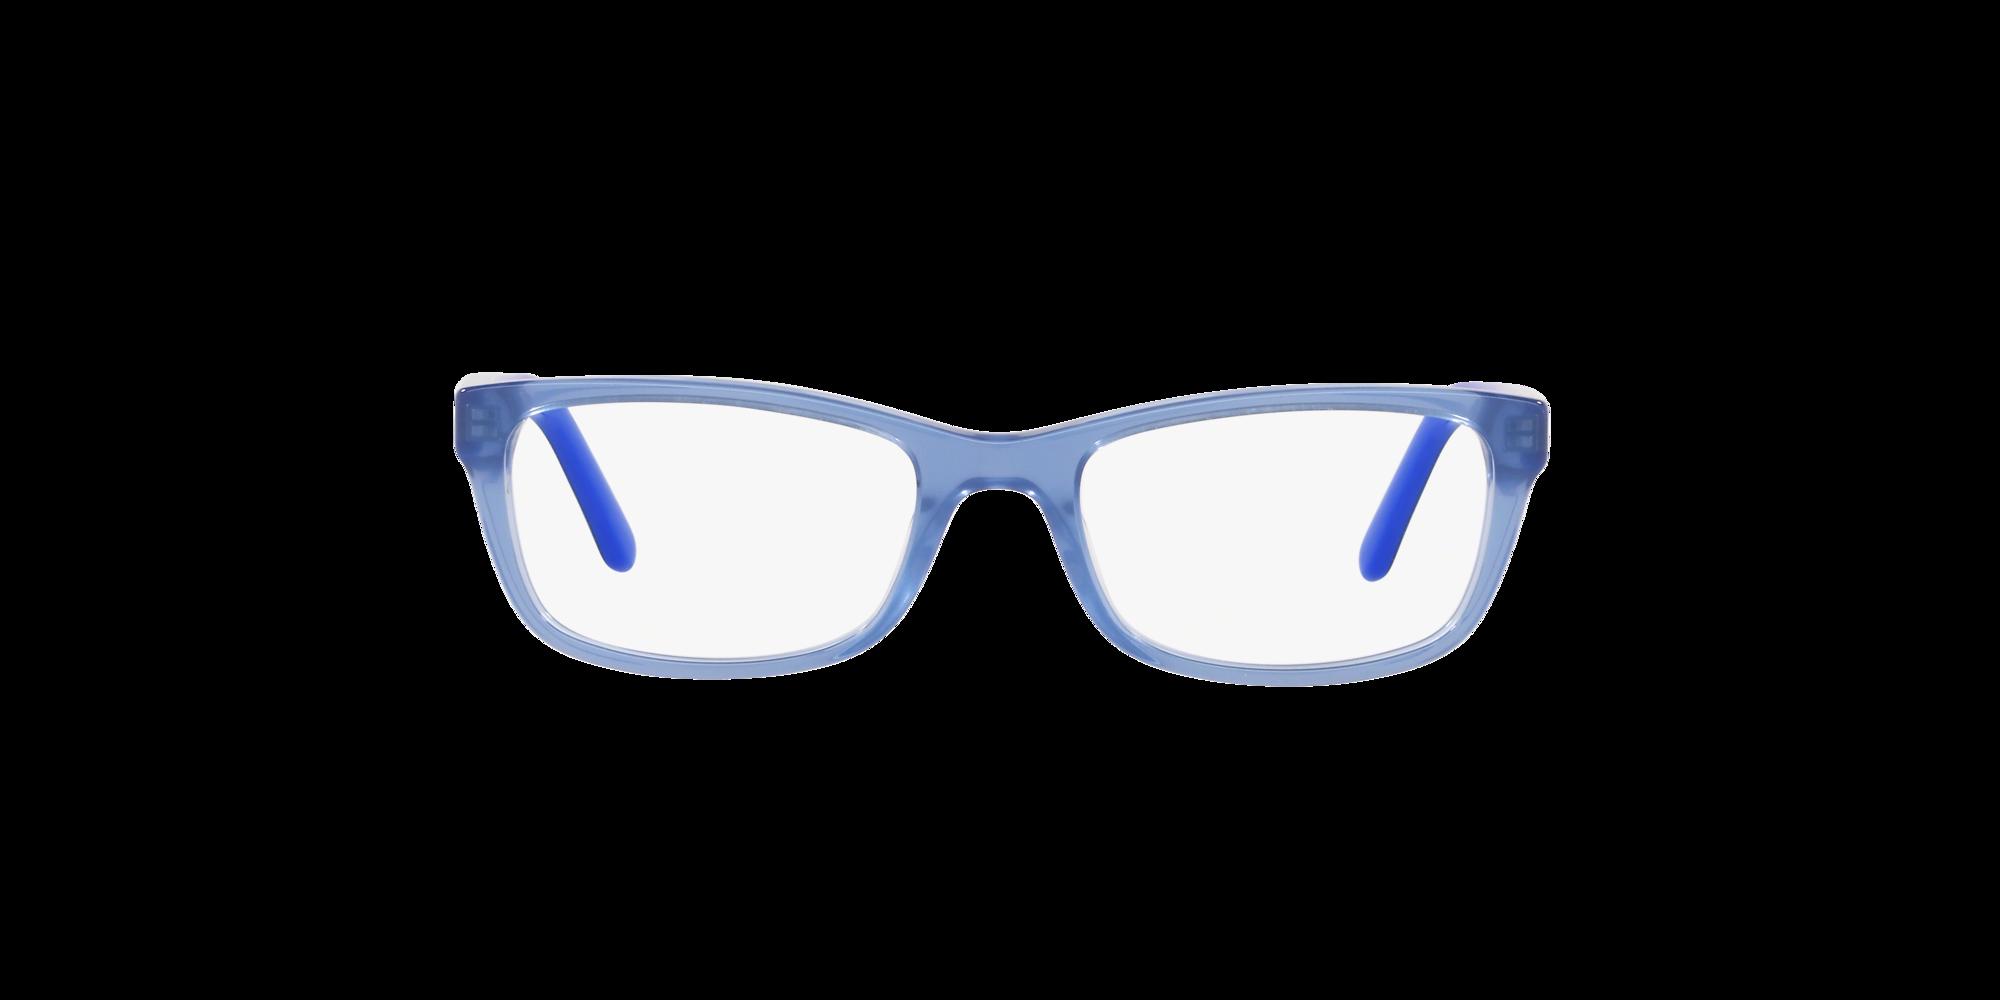 Imagen para SF1845 de LensCrafters |  Espejuelos, espejuelos graduados en línea, gafas